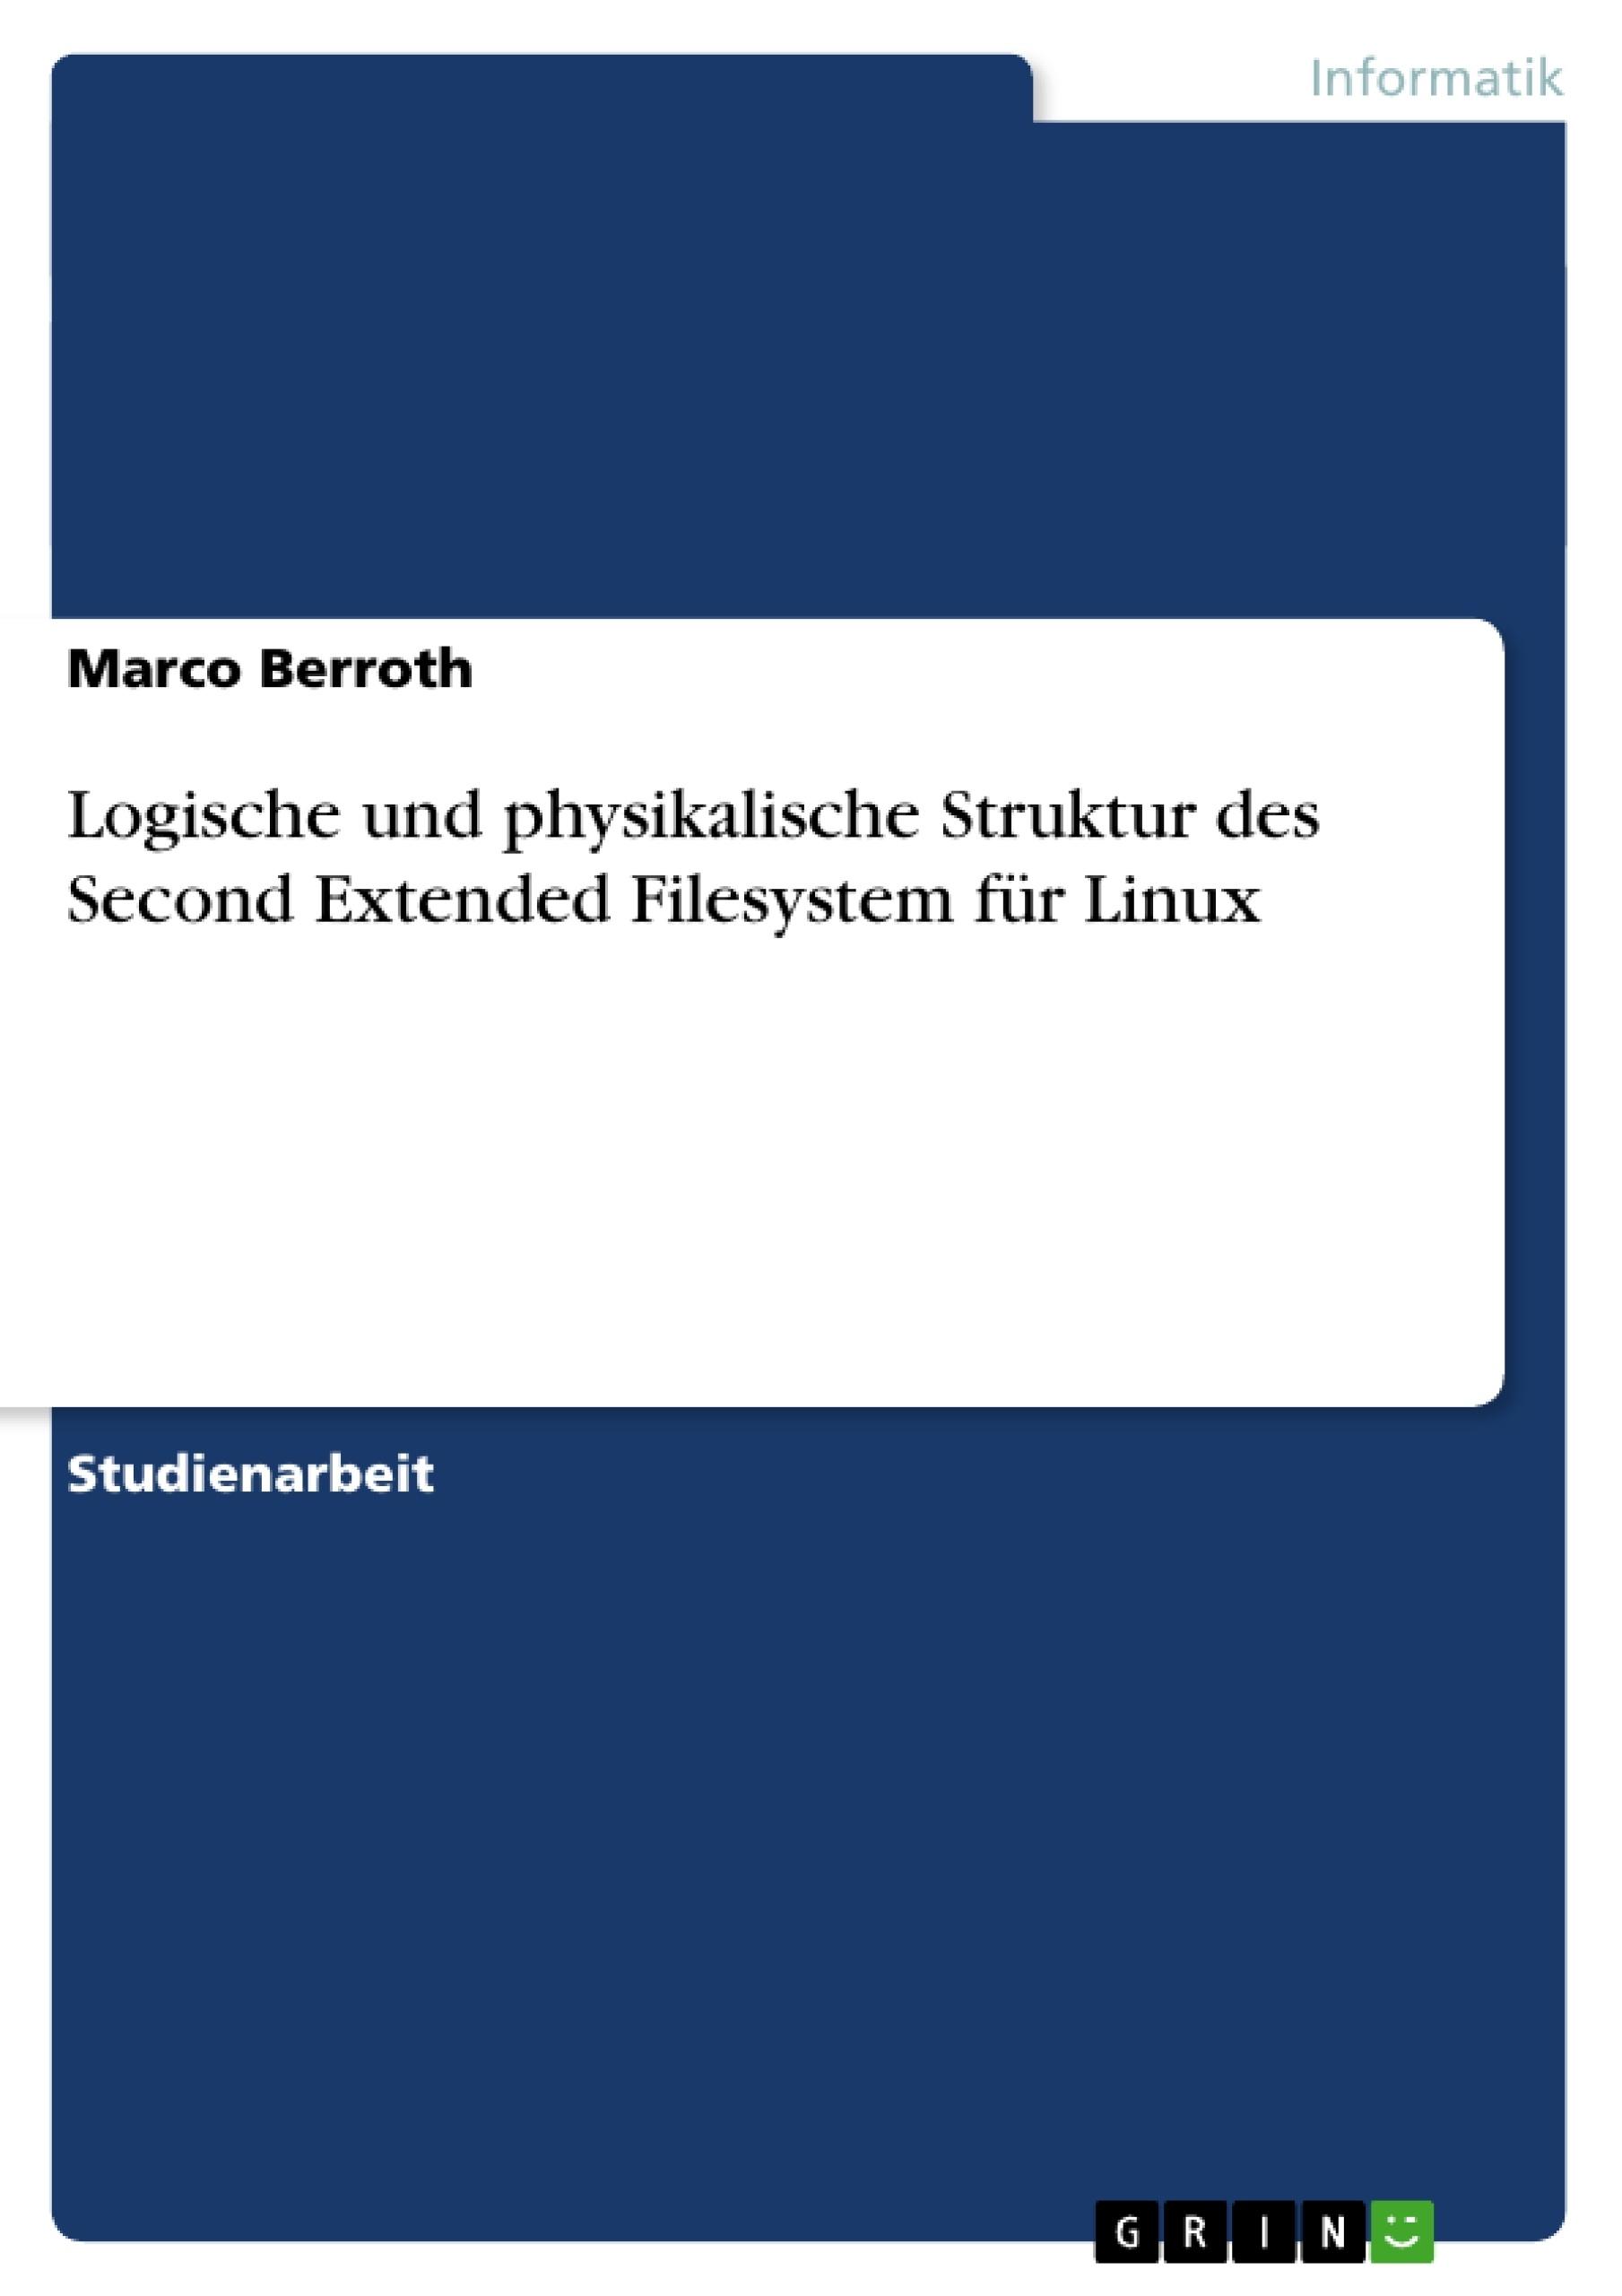 Titel: Logische und physikalische Struktur des Second Extended Filesystem für Linux